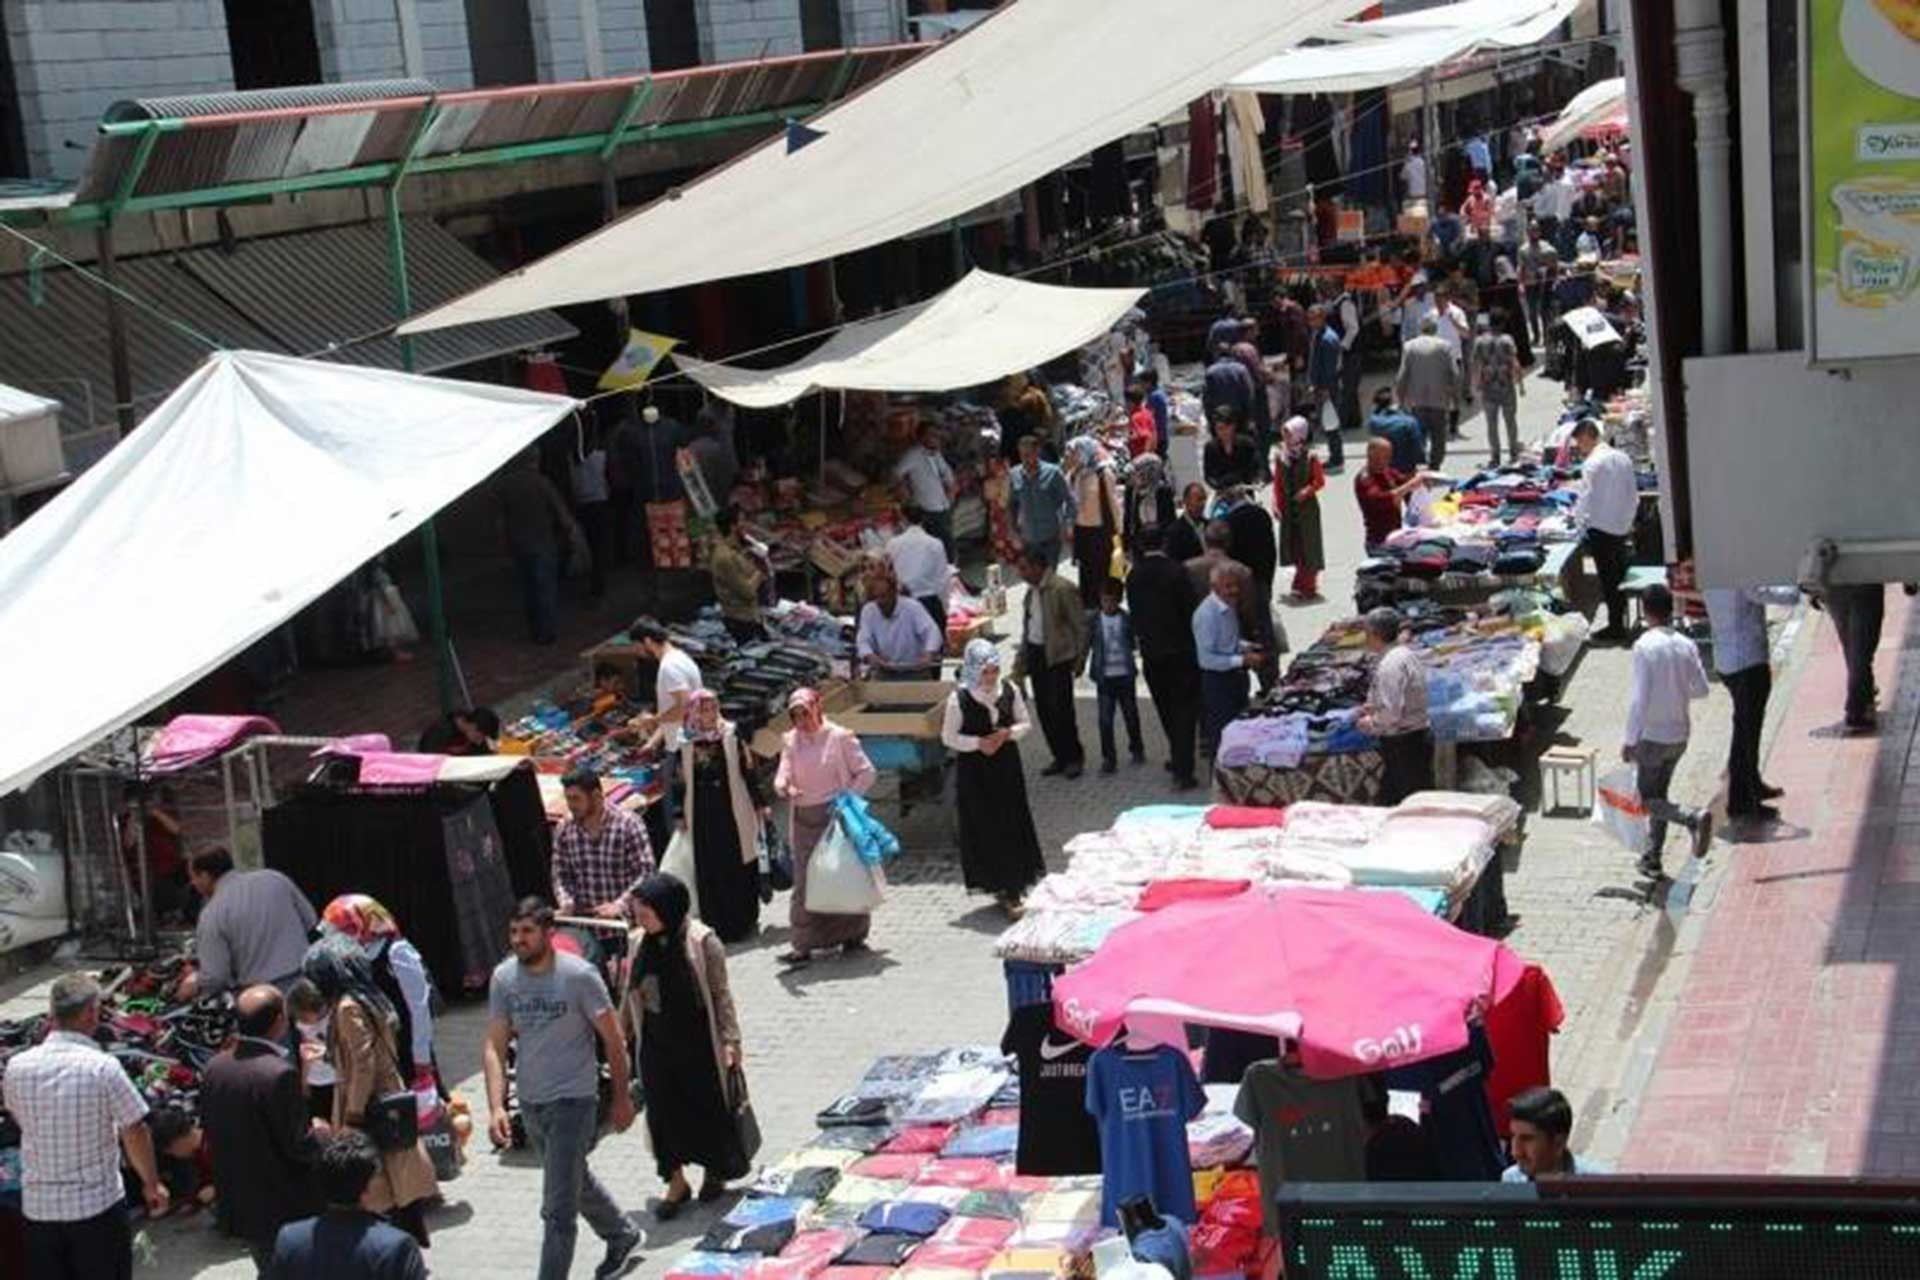 Van'da pazar alanları kalabalık ancak yurttaşlar hiçbir şey alamadığını söylüyor.